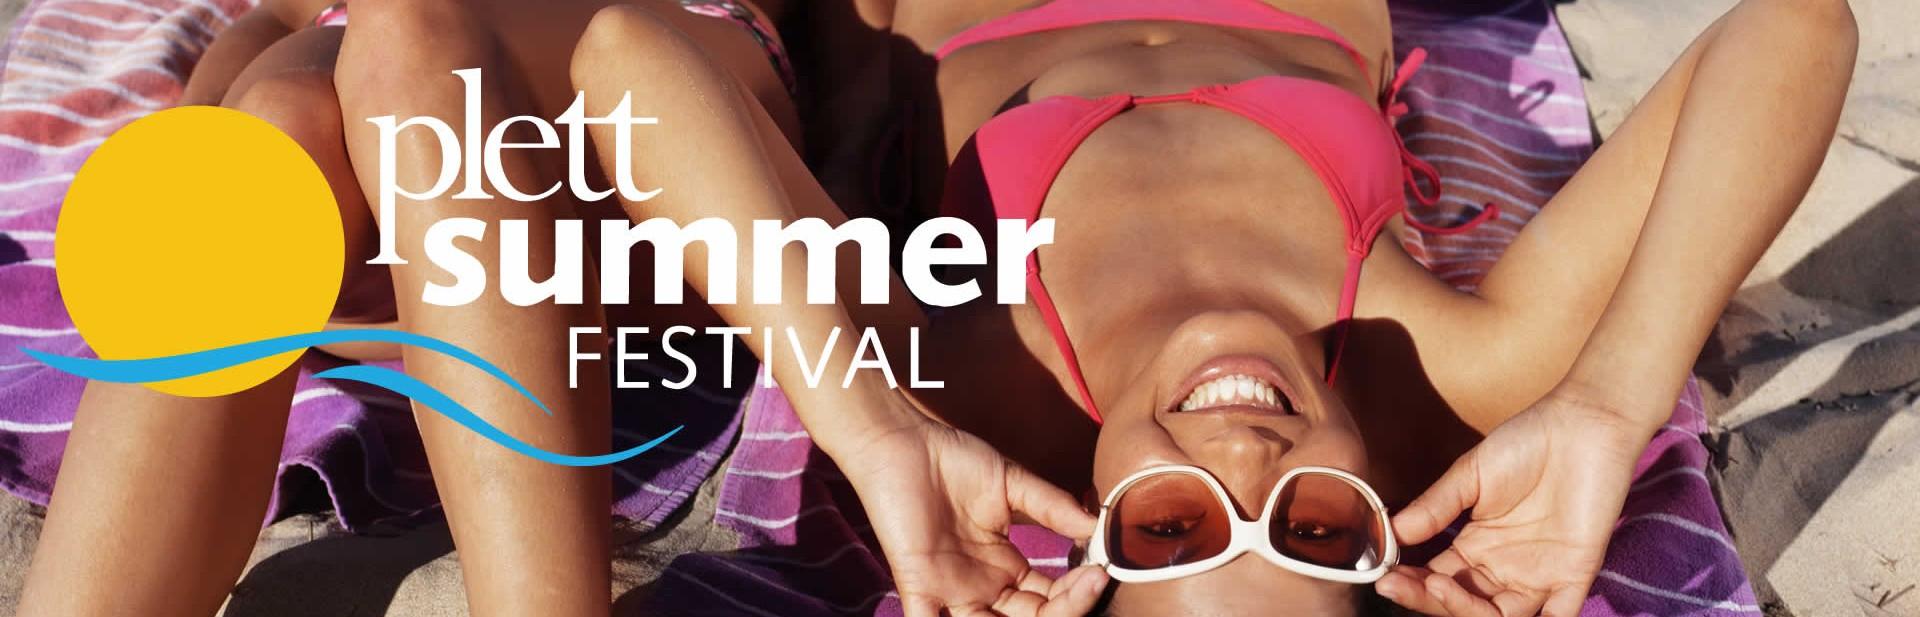 Plett Summer Festival